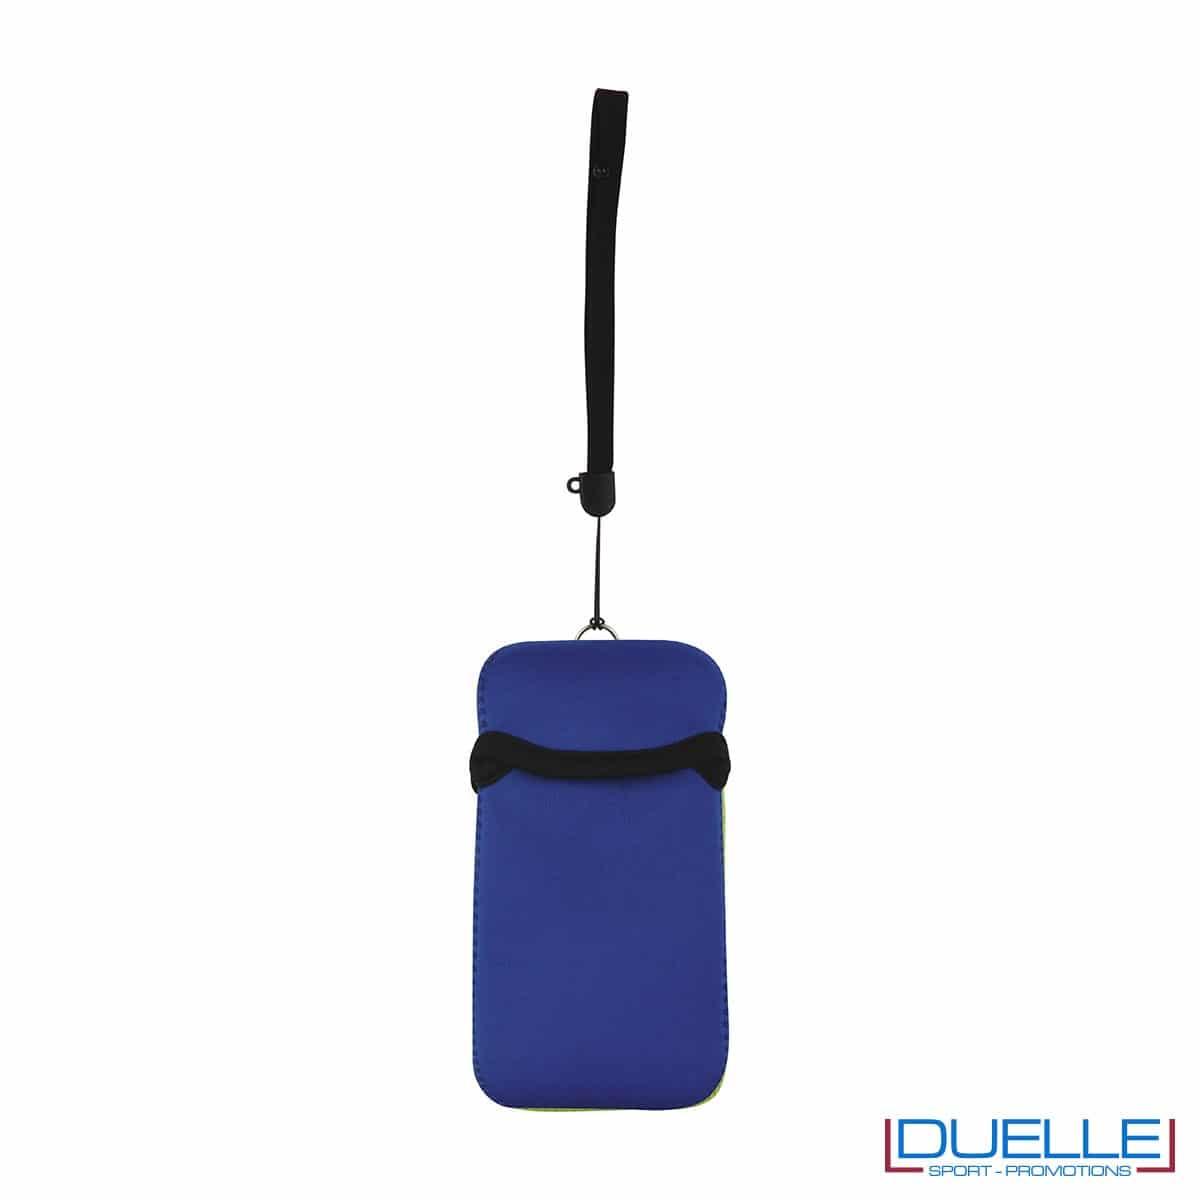 Portacellulare personalizzato in neoprene colore BLU da appendere al collo. gadget estivi personalizzati, gadget personalizzati